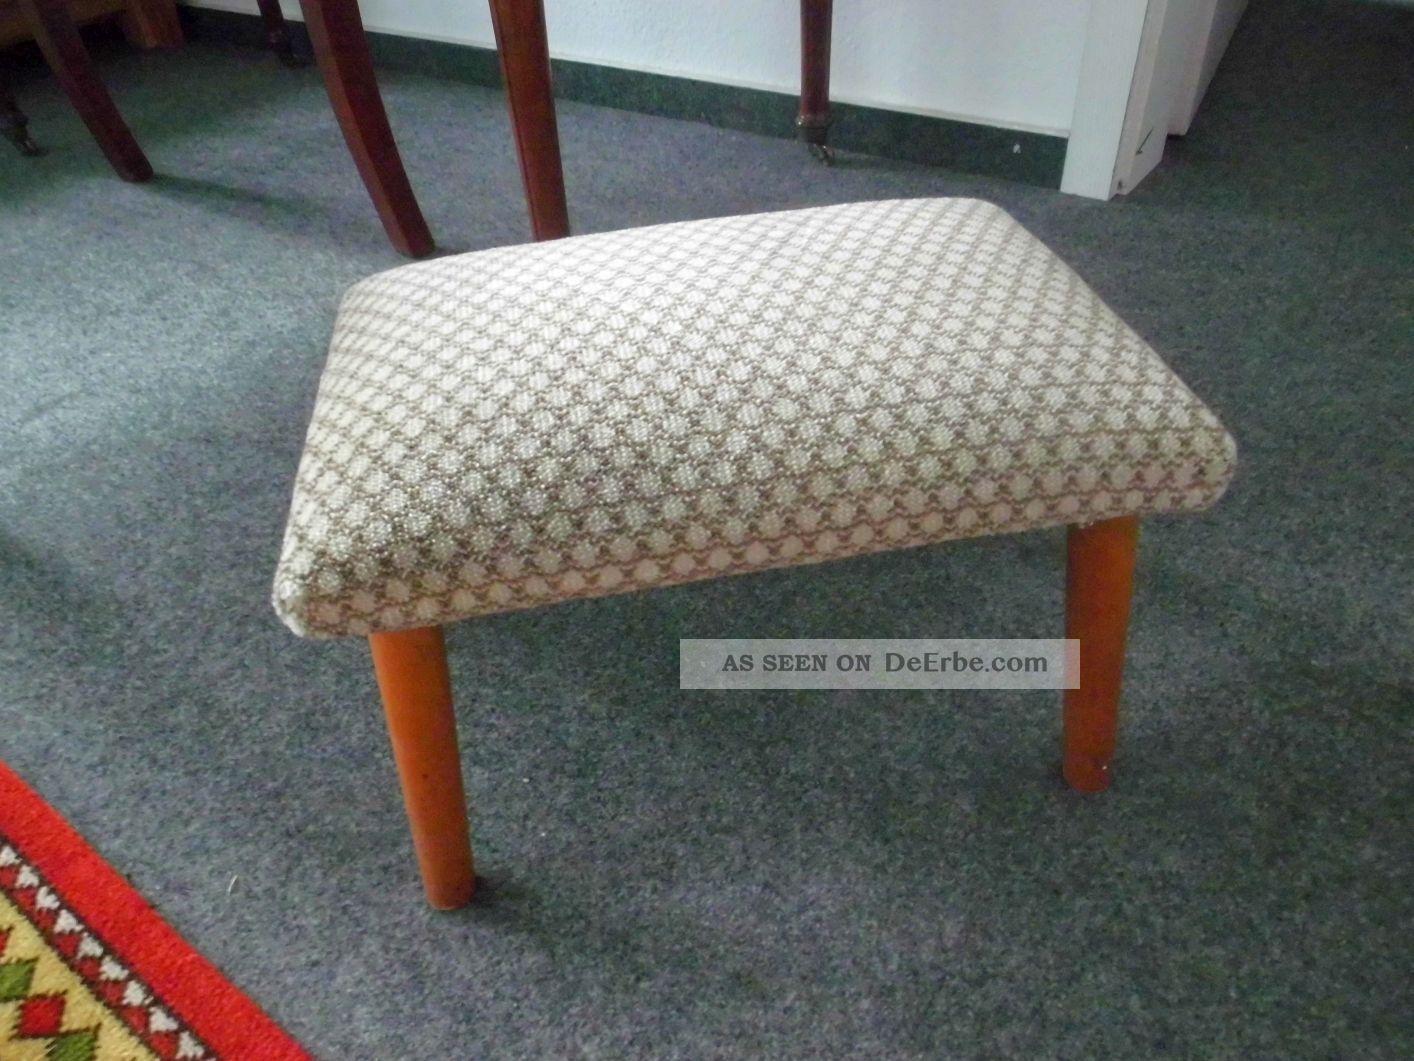 Mobiliar & Interieur - Sitzmöbel - Stilmöbel nach 1945 - Antiquitäten